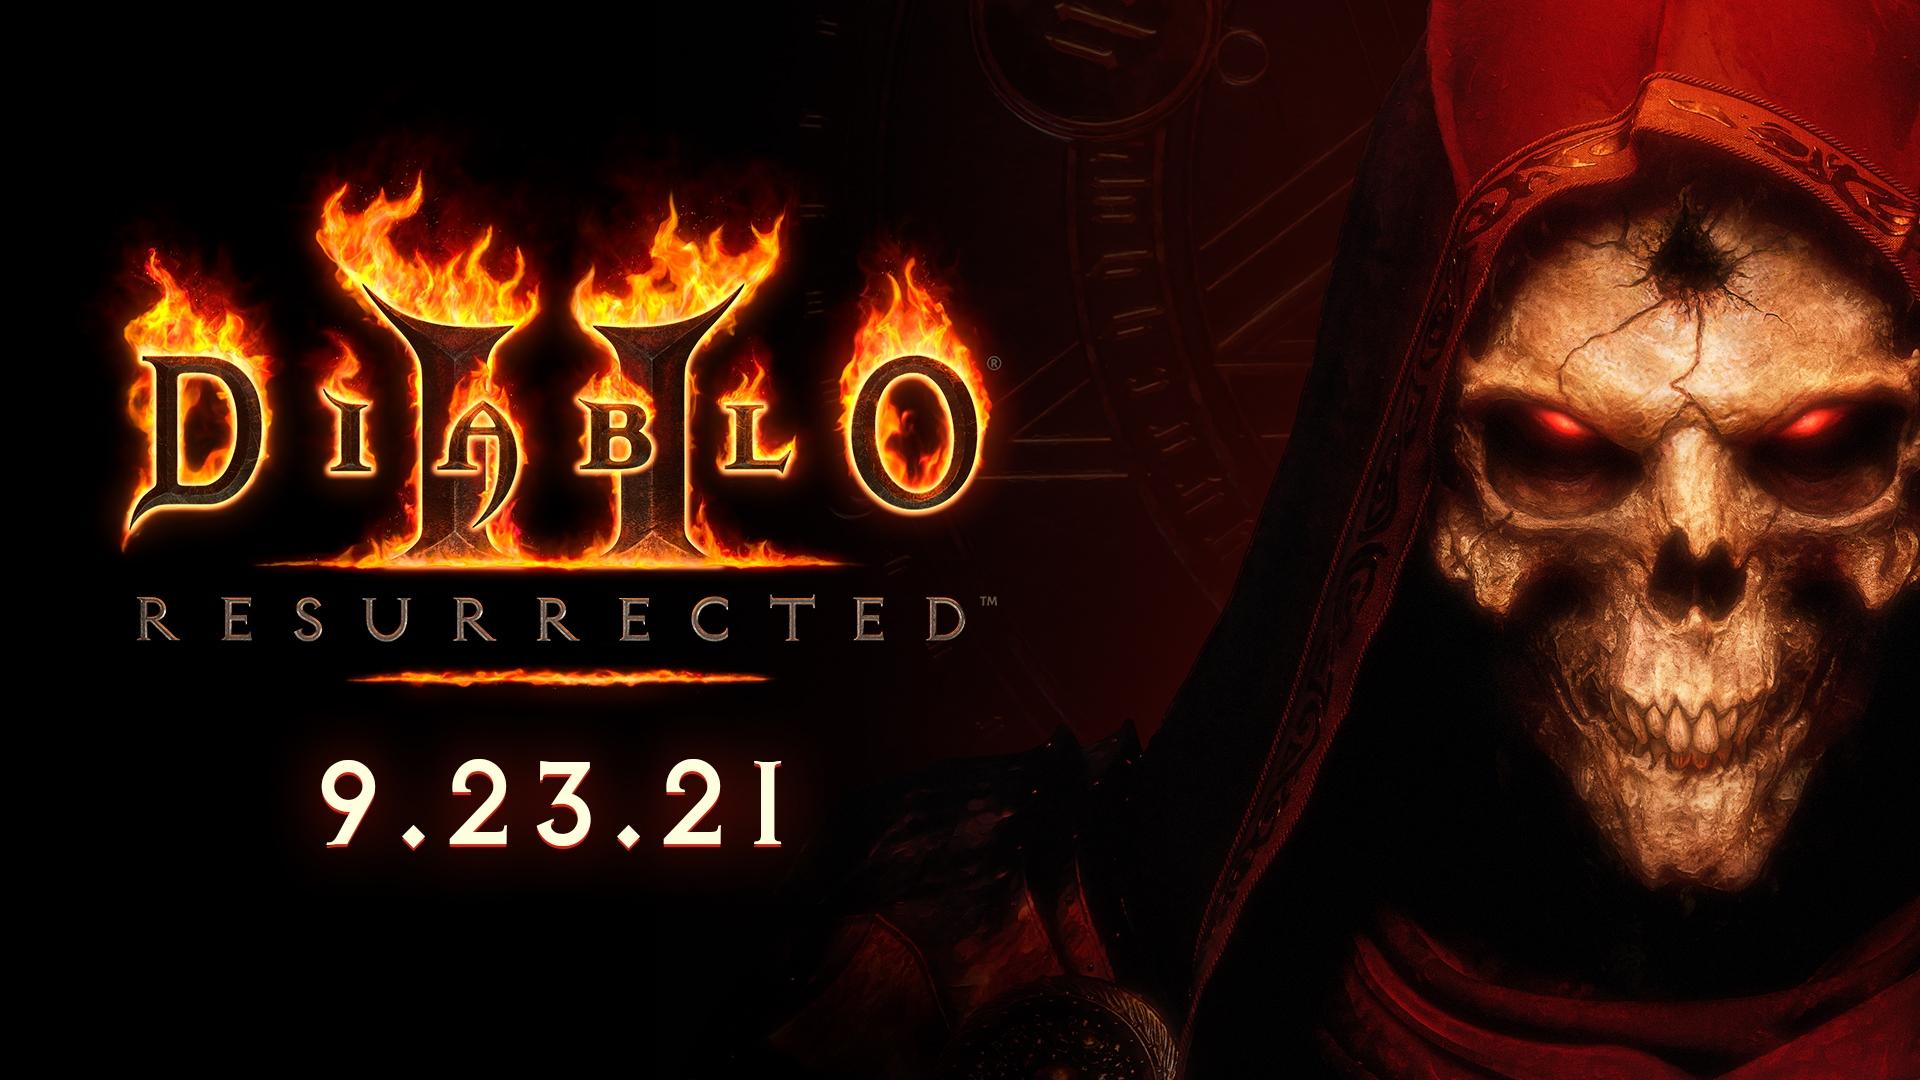 Diablo II: Resurrected - September 23 2021